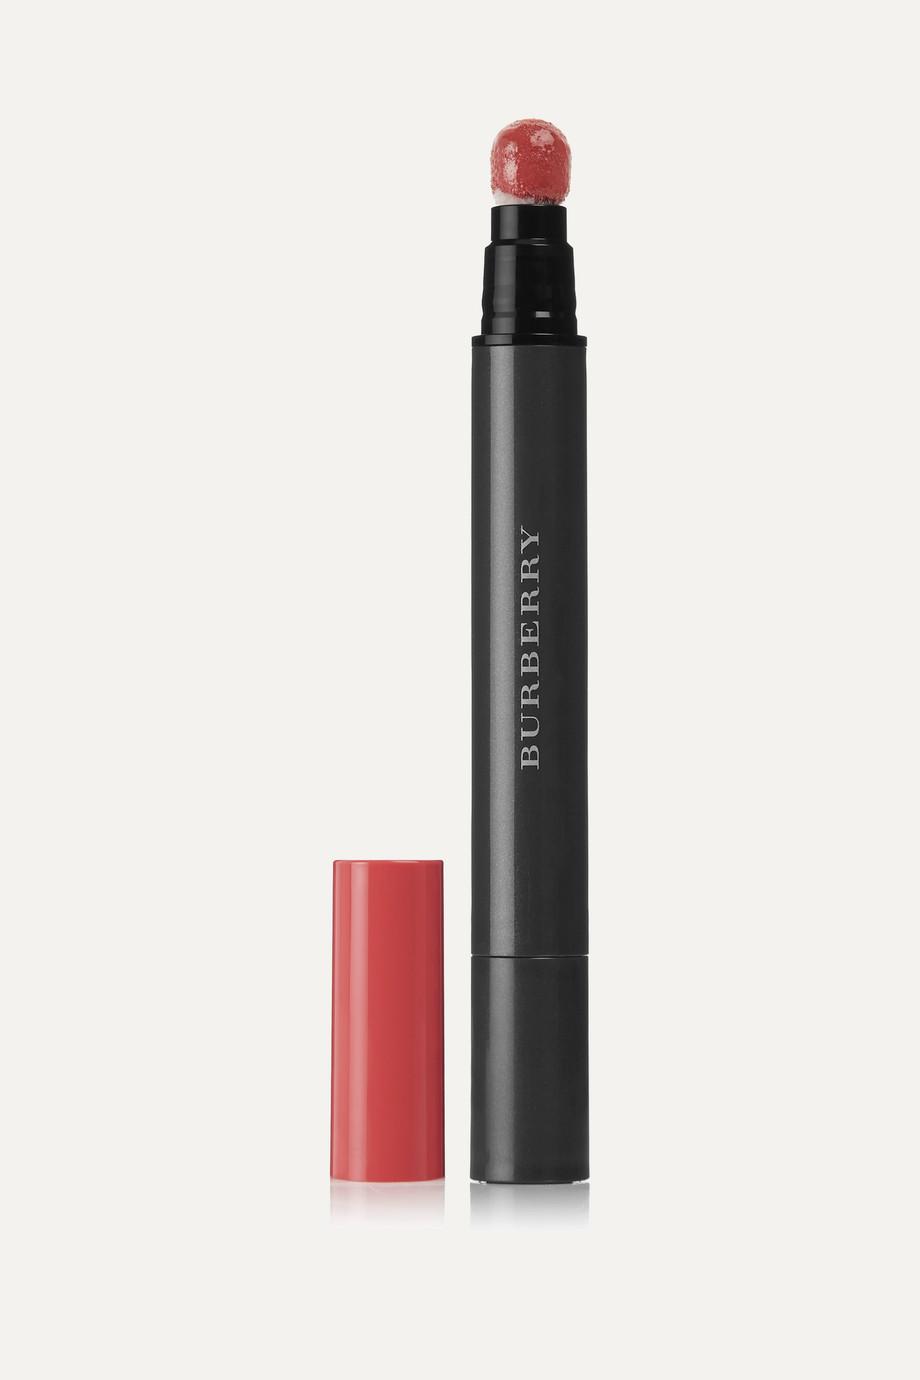 Burberry Beauty Lip Velvet Crush - Copper Pink No.16